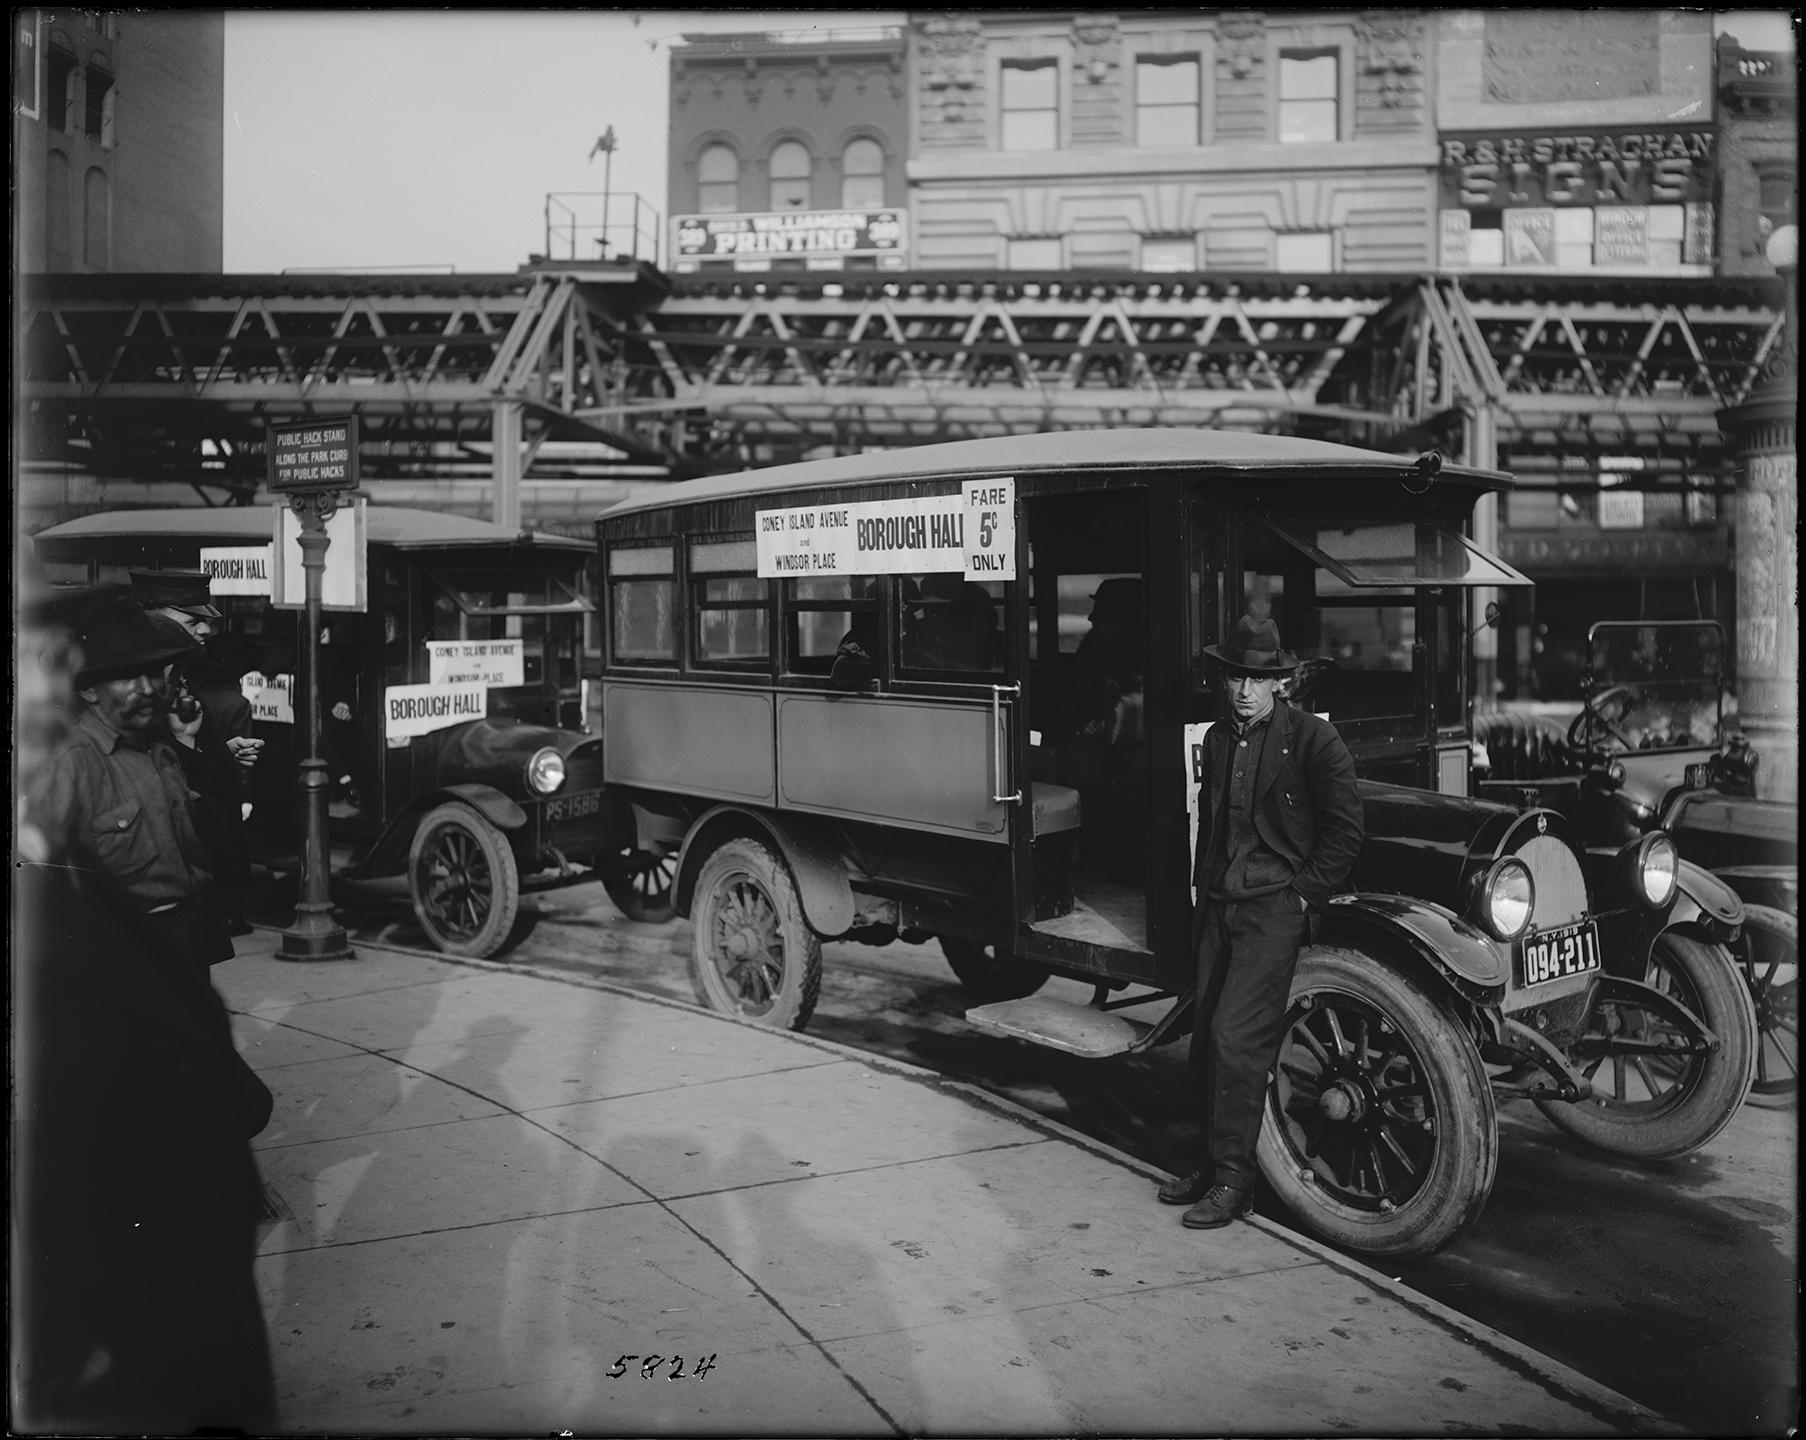 bps_05824: Stage Line Manhattan Bridge, Eugene de Salignac, photographer, Bridges, Plants and Structures Collection 1919, NYC Municipal Archives